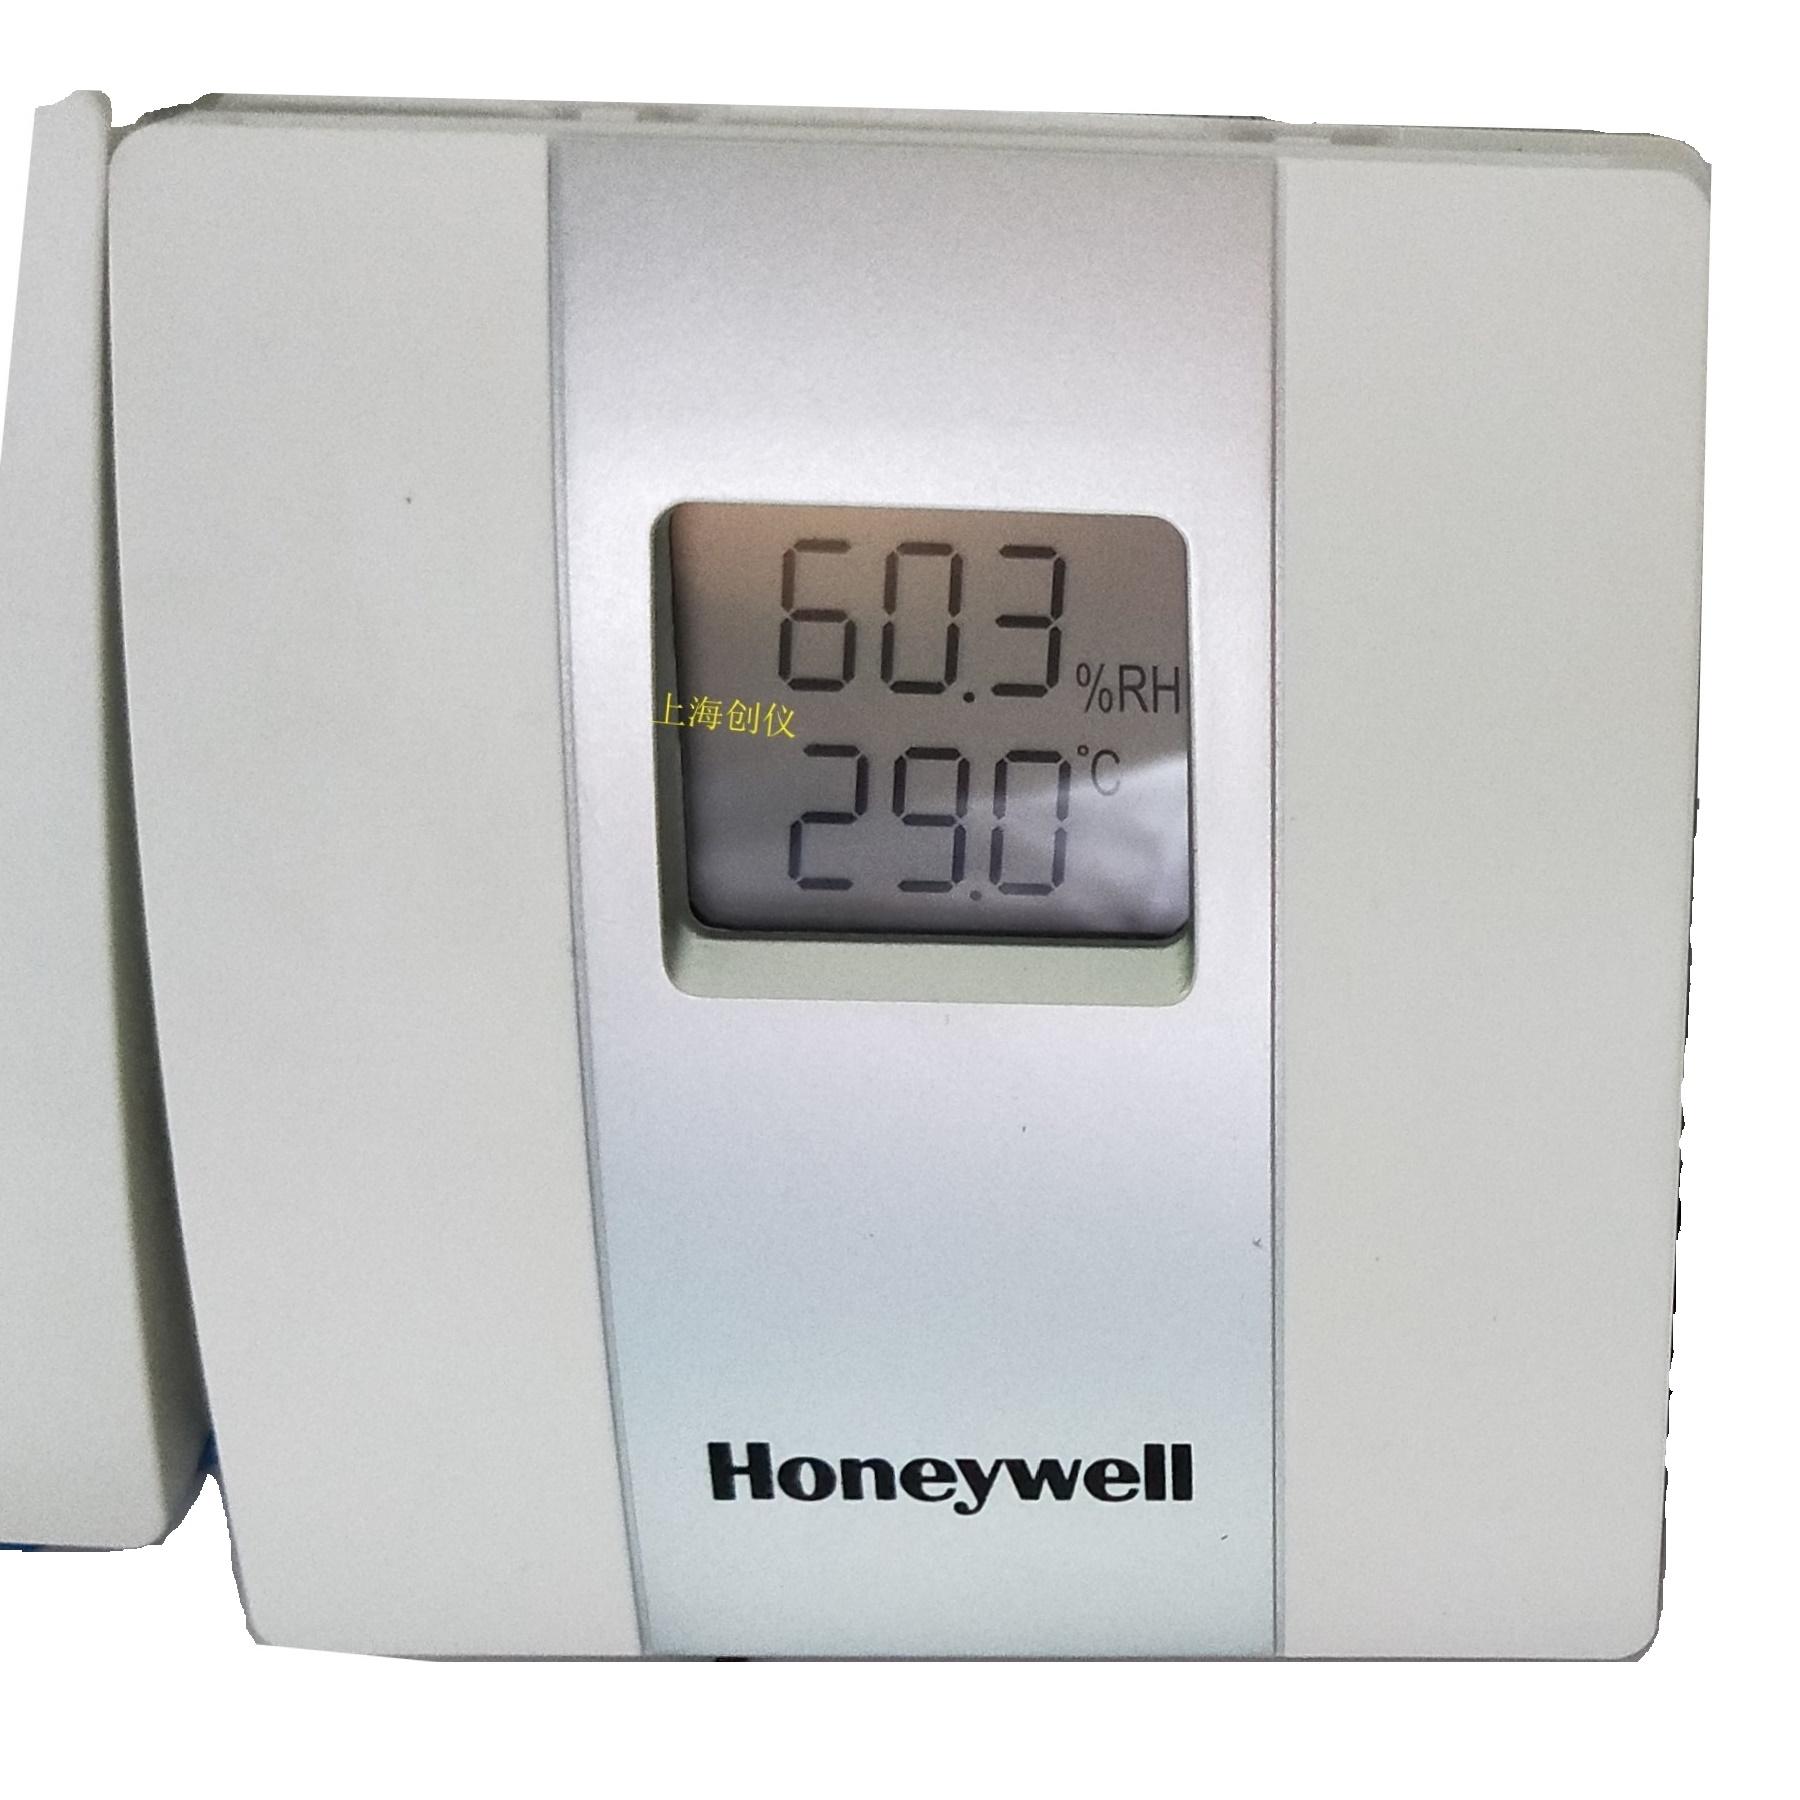 温湿度传感器经典代表 SCTHWA43SNS H7080B2103 温湿度传感器